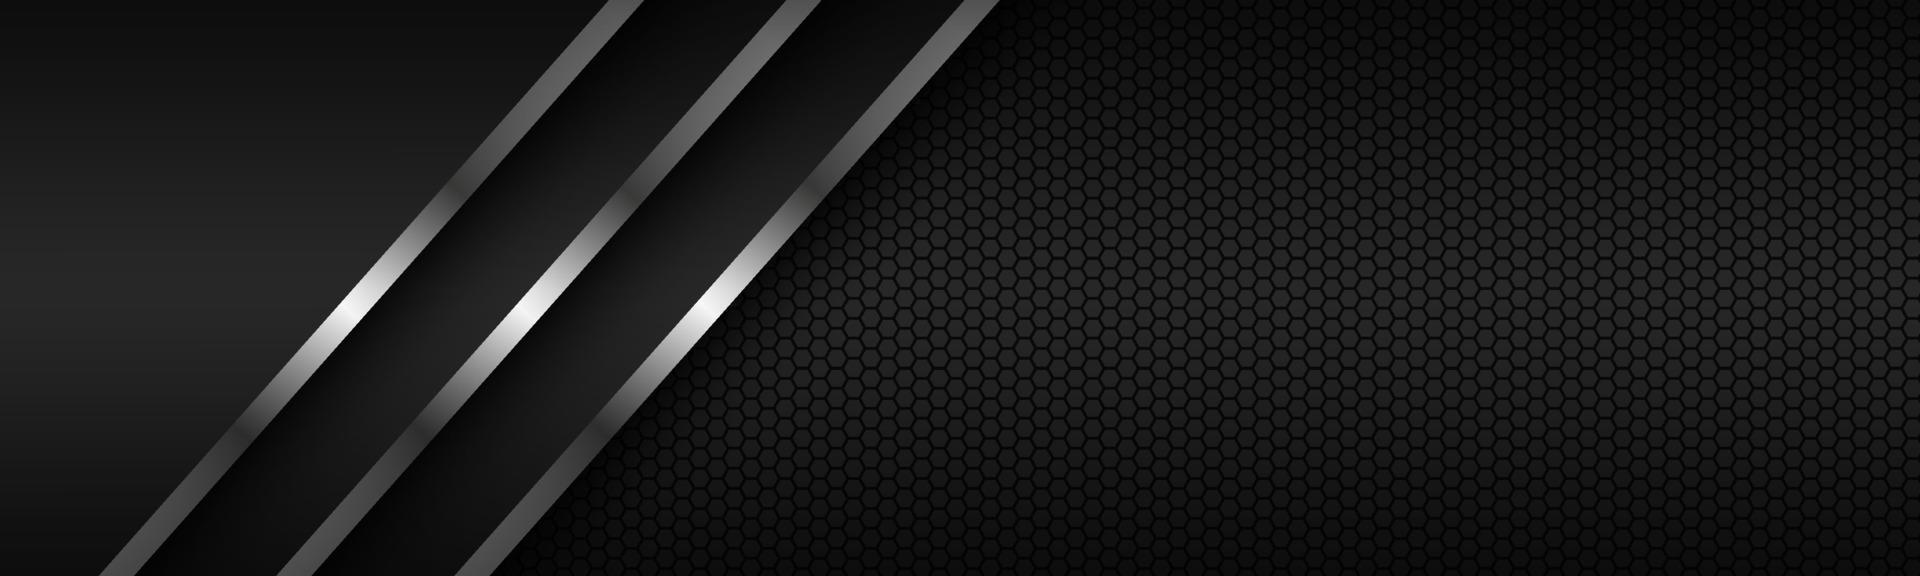 abstrakt rubrik med silverlinjer på överlappande lager och månghörnigt mönster. mall för din banner och presentation. modern vektorillustration vektor